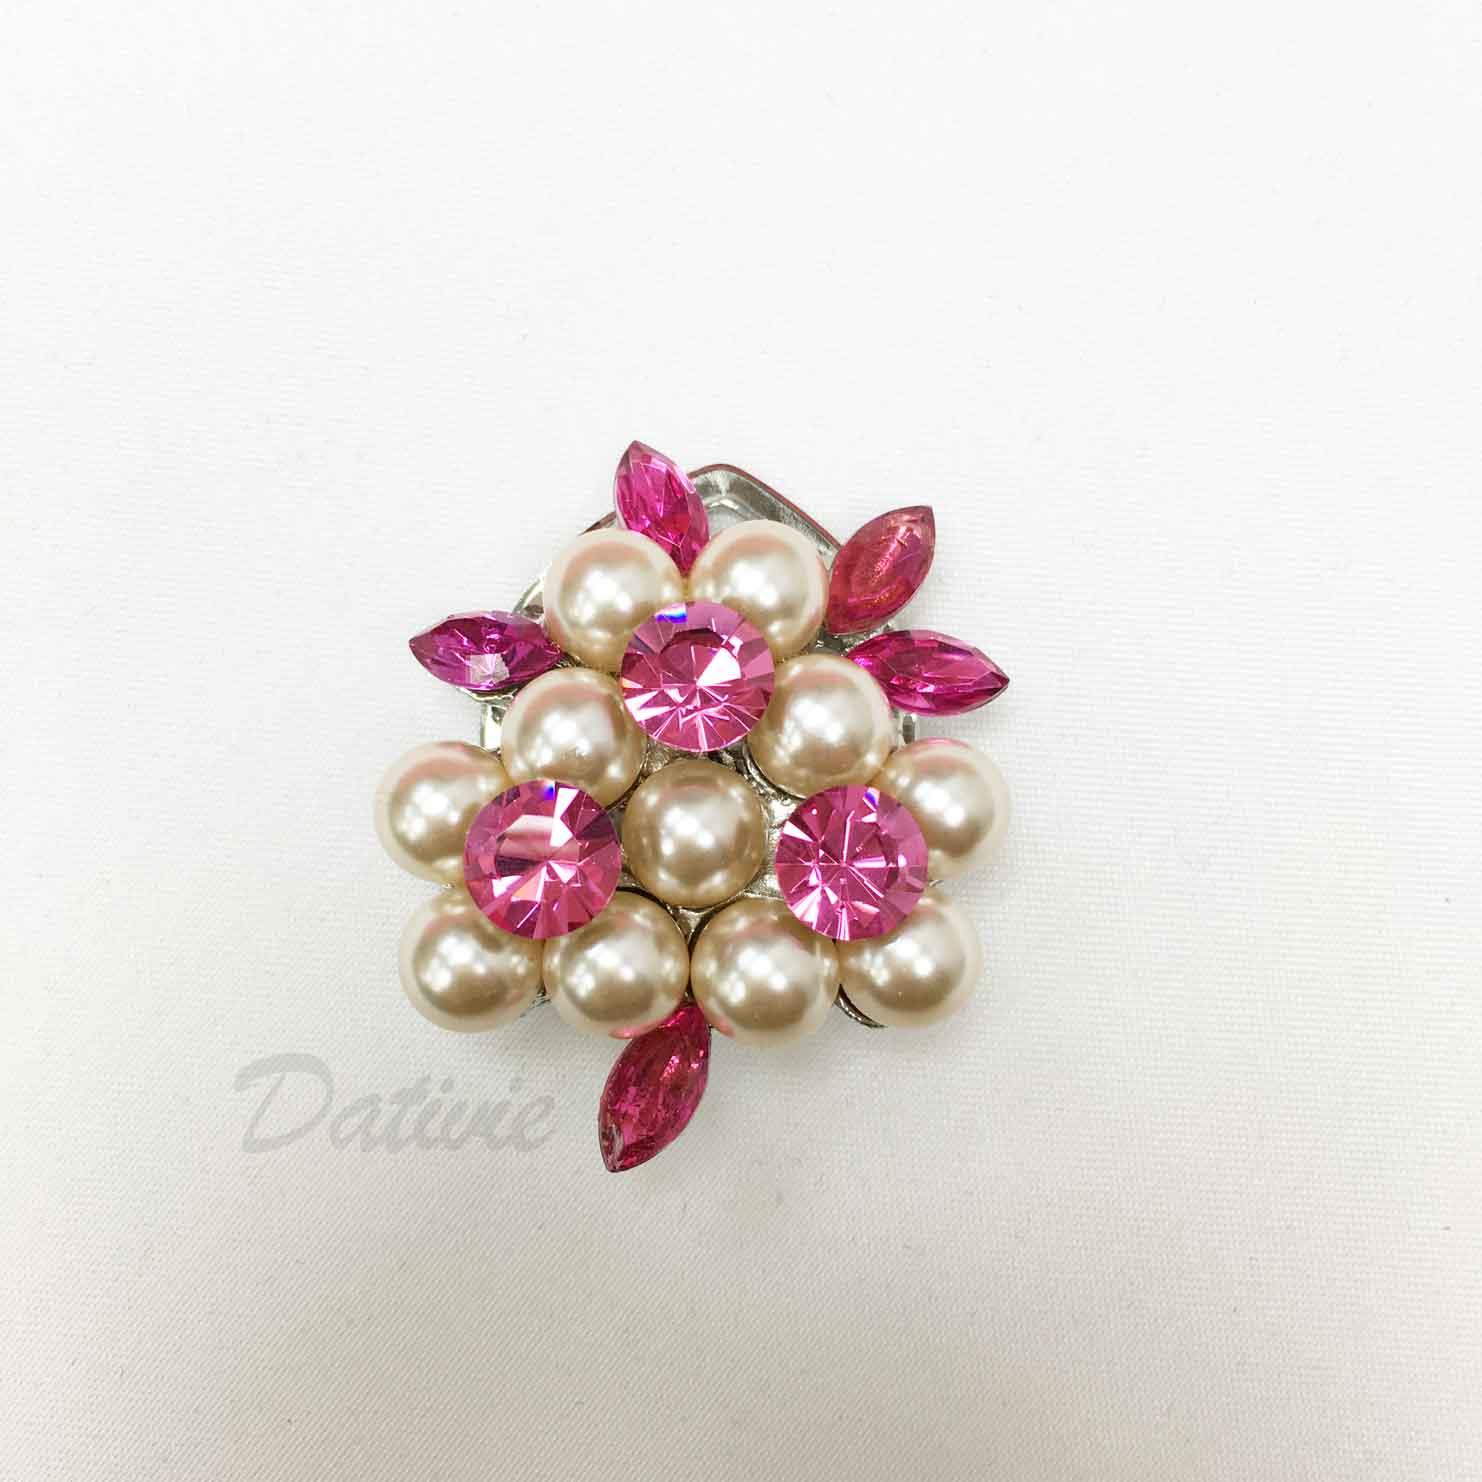 粉色水鑽 粉珍珠 絲巾夾 領巾夾